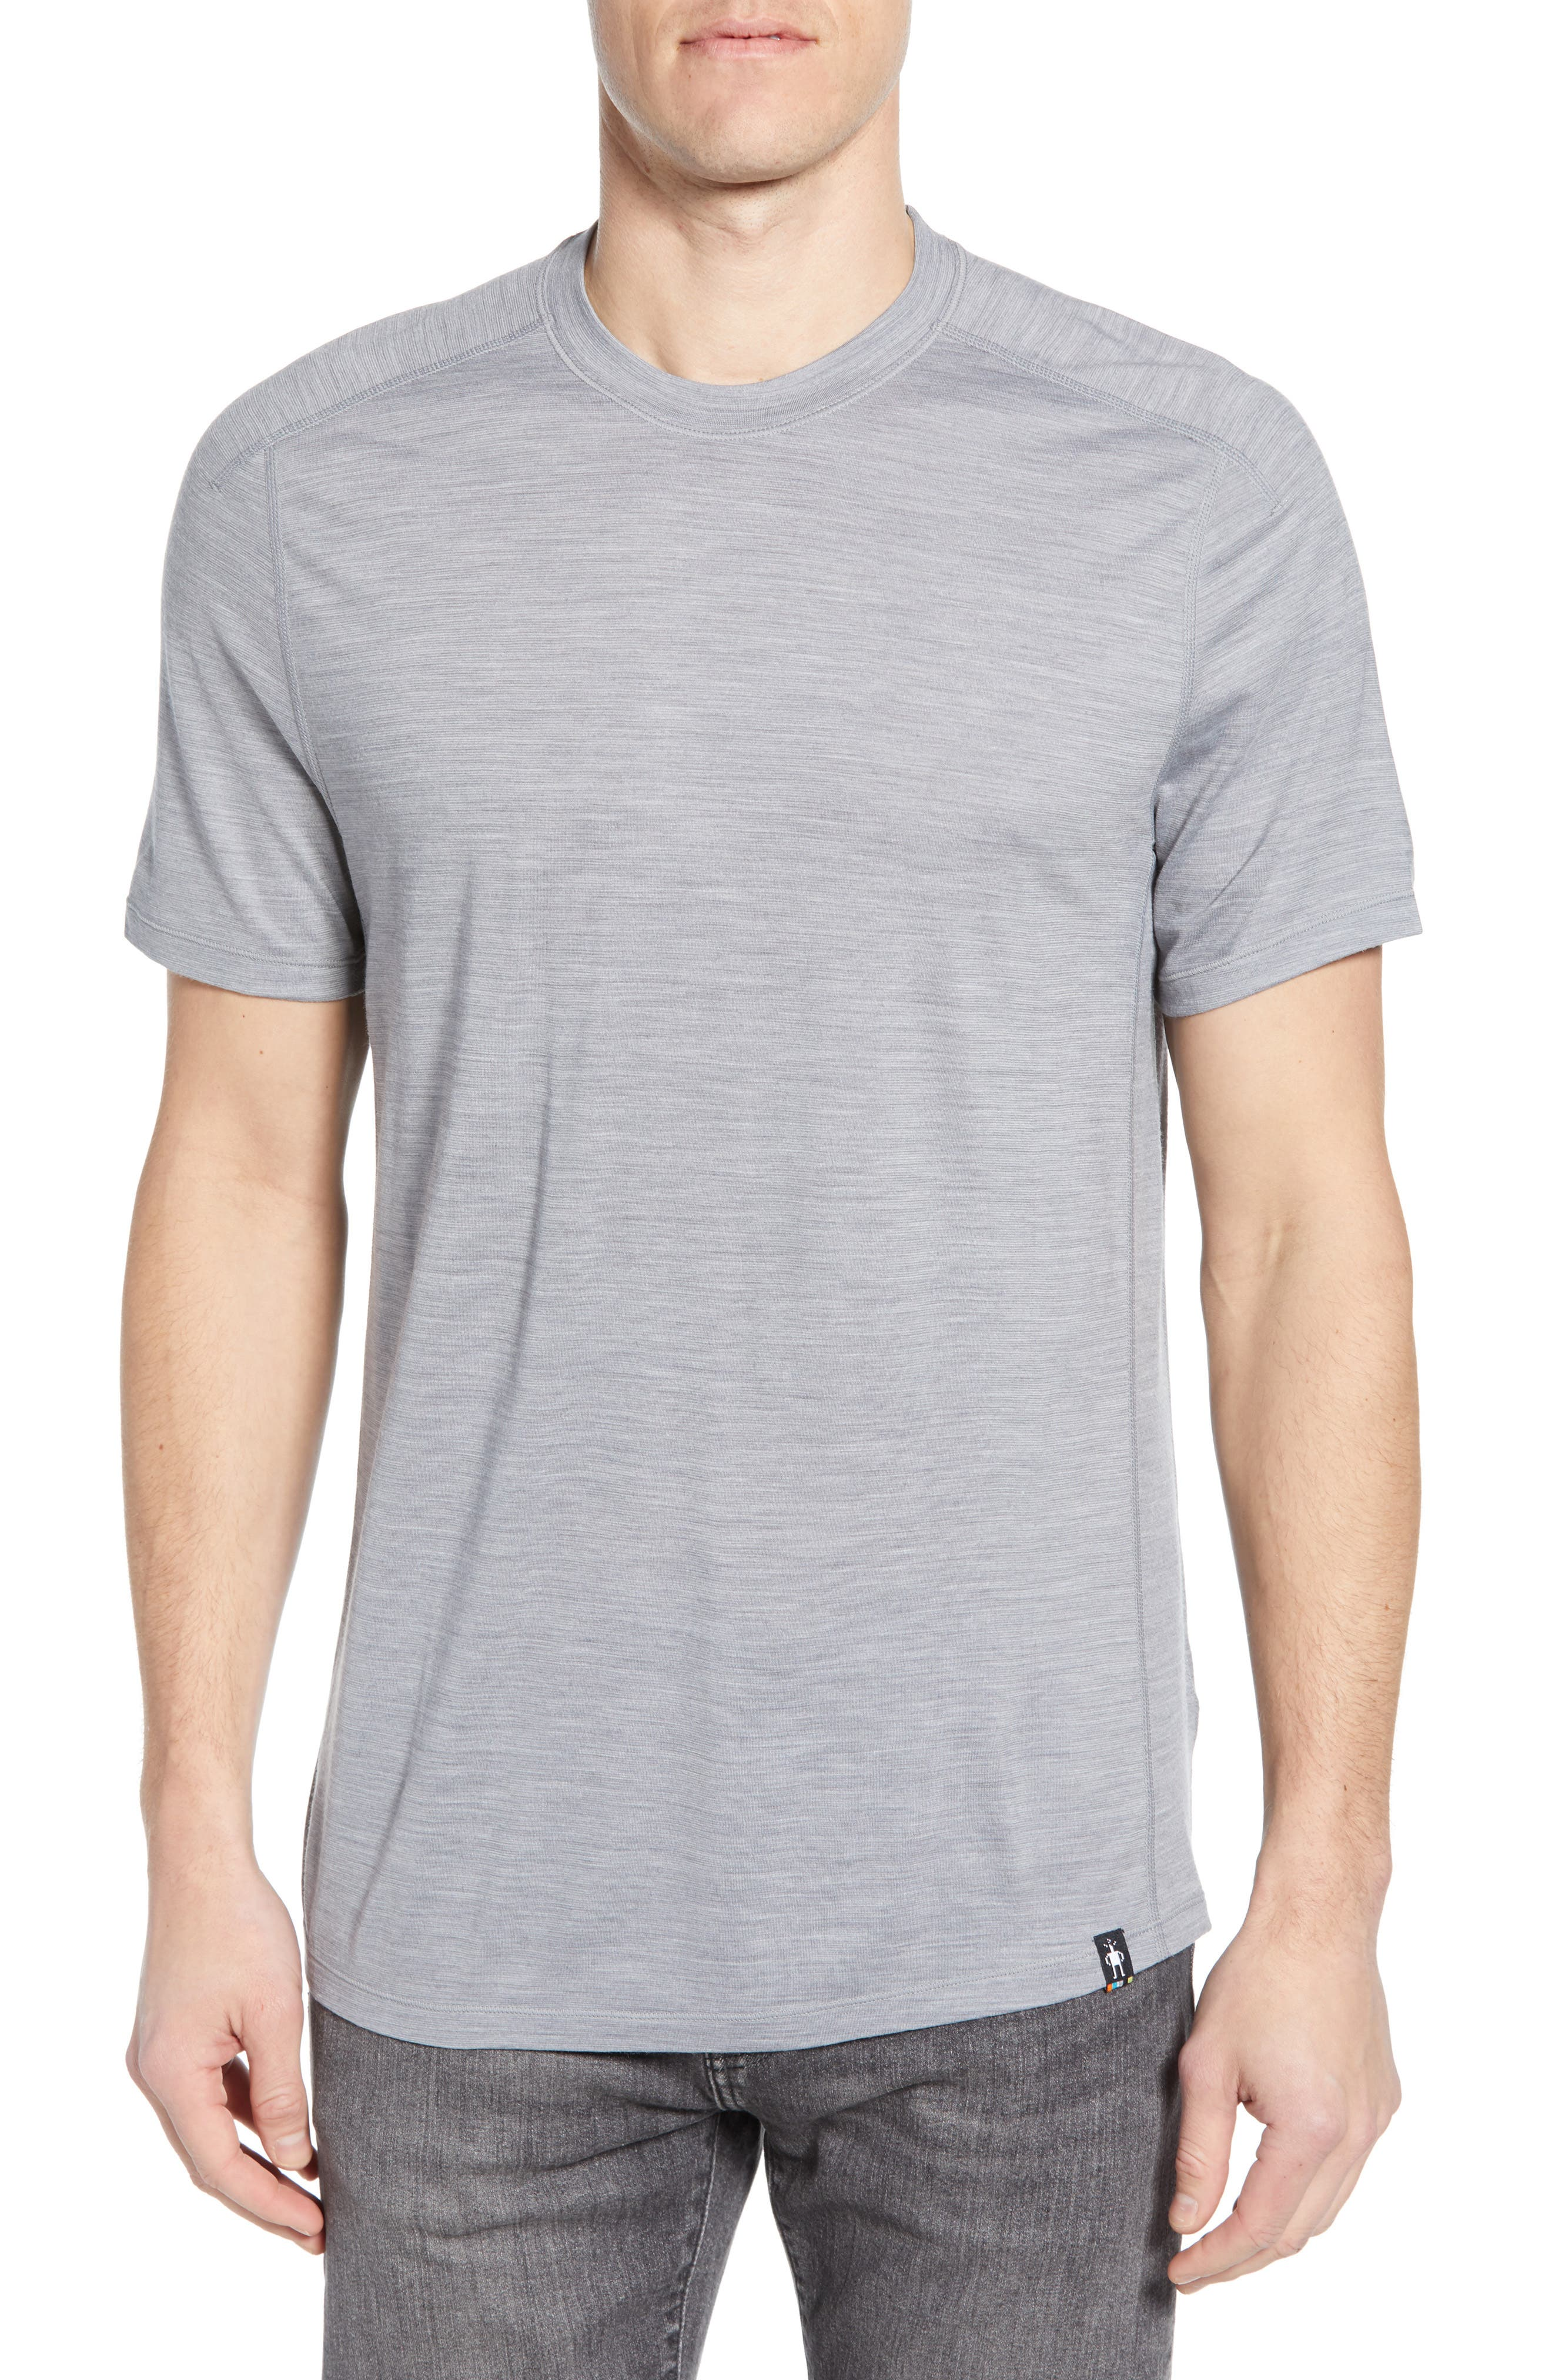 Smartwool Merino Blend Tech T-Shirt, Grey